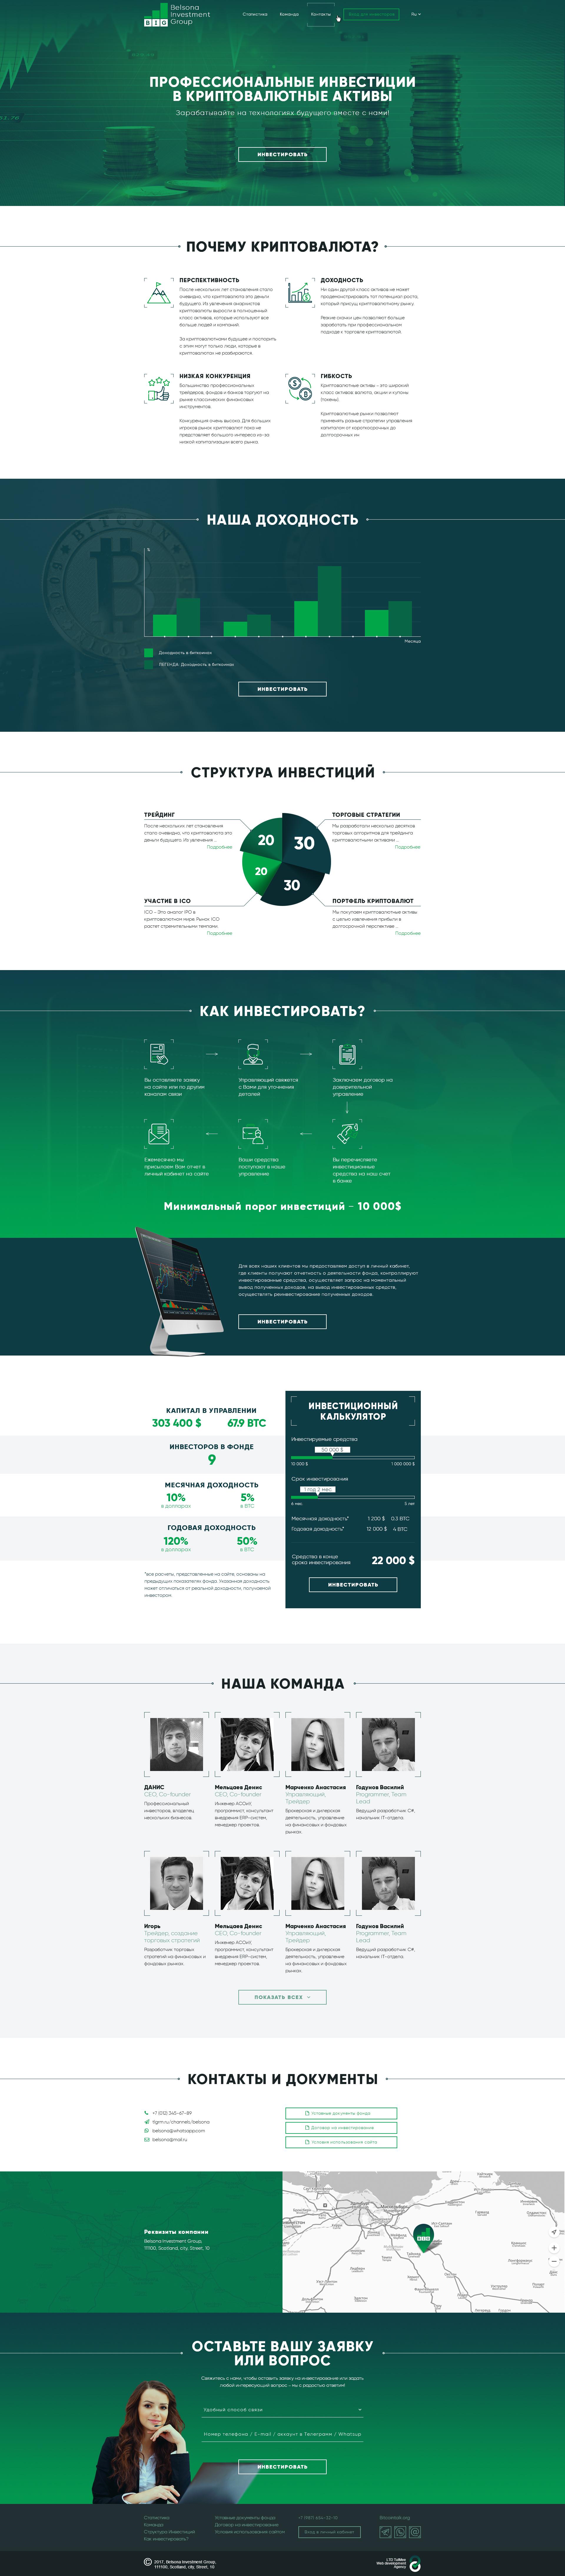 Landing page - Инвестиции в криптовалютные активы